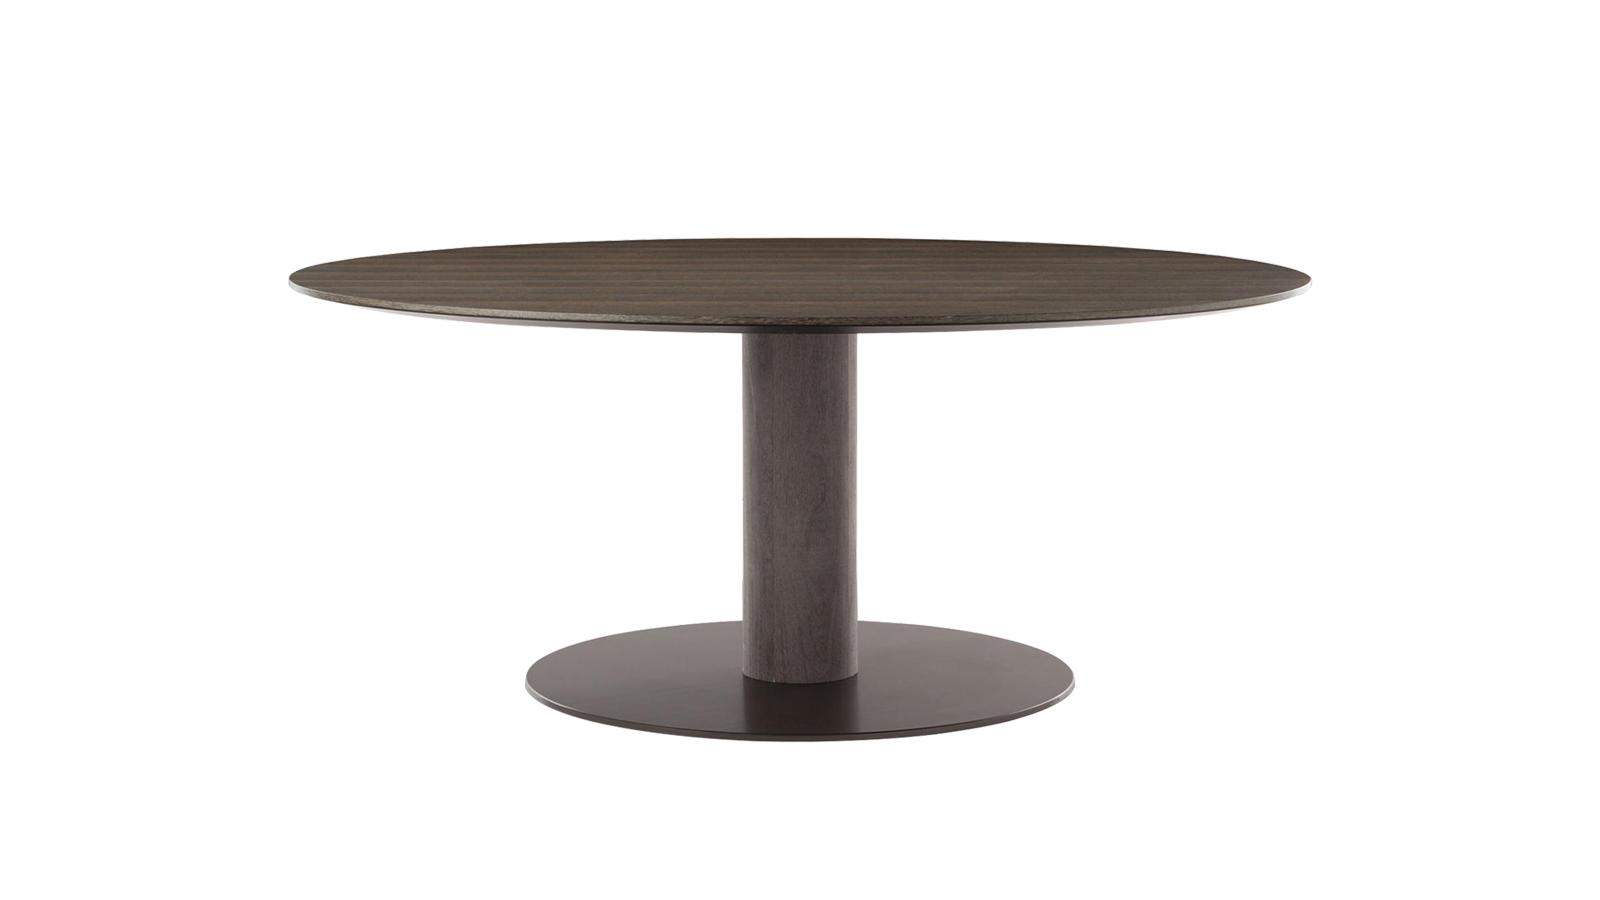 A Bellagio asztalokat úgy tervezték, hogy a lehető legkülönfélébb terekben is jól mutasson. A kifinomult, márvány asztallapnak és a geometrikus, letisztult formavilágnak köszönhetően megbújik az enteriőrben, miközben szinte észrevétlenül emeli annak fényét. A minimalizmus egyik időtálló hírnöke, amely nemcsak otthoni környezetben, hanem vendéglátóhelyiségekben is használható.